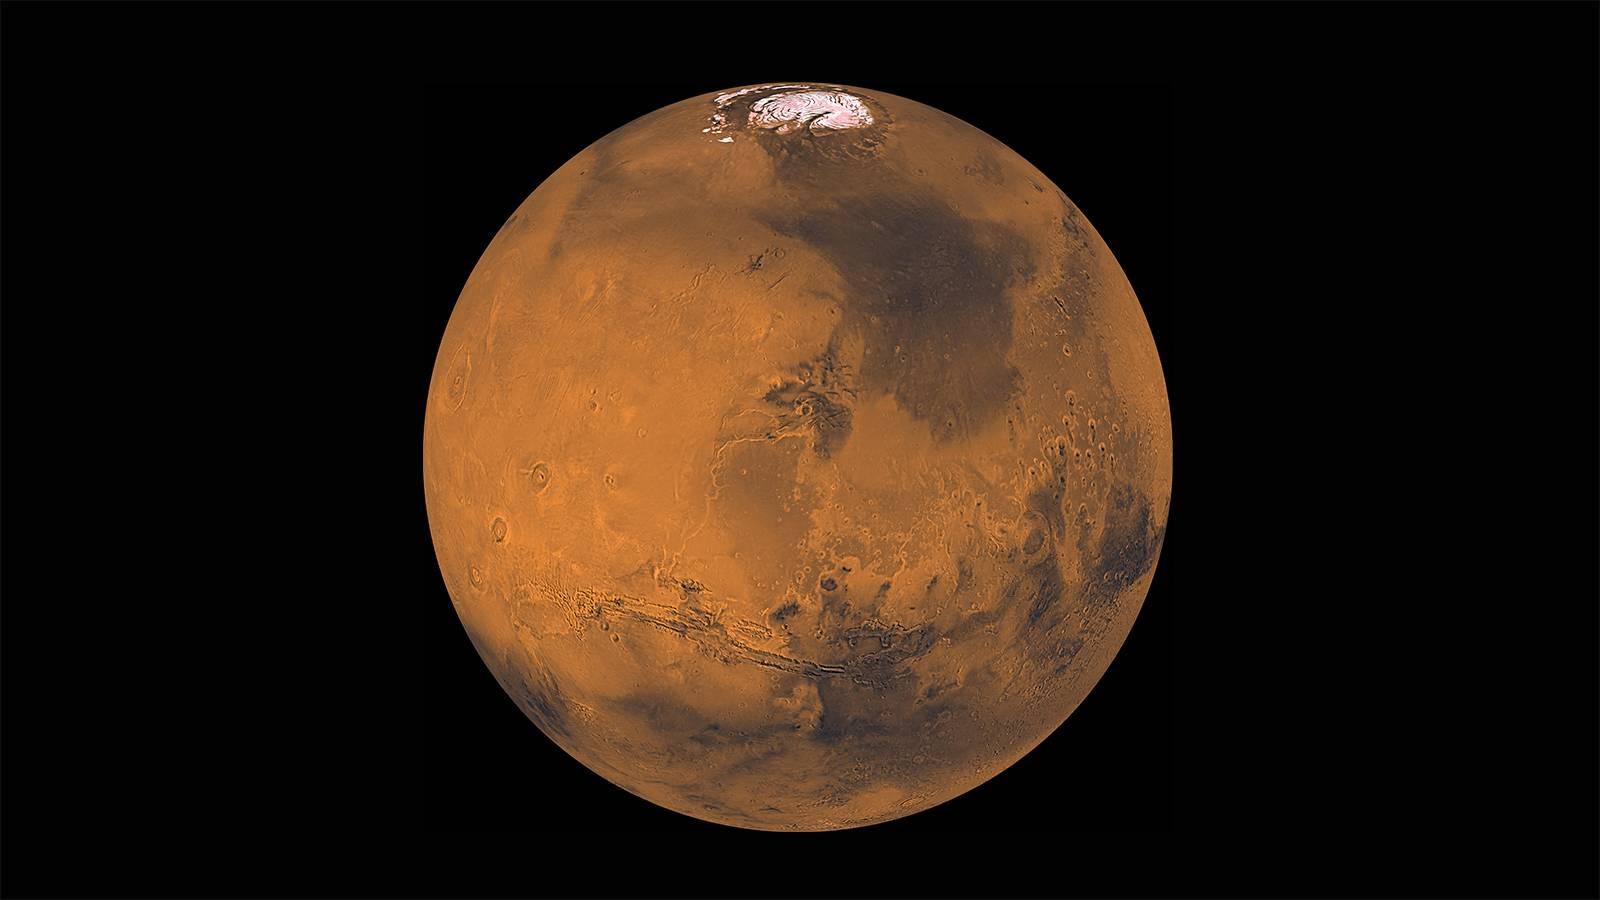 Astrofísico de la NASA cree que sí hay vida por fuera de la Tierra